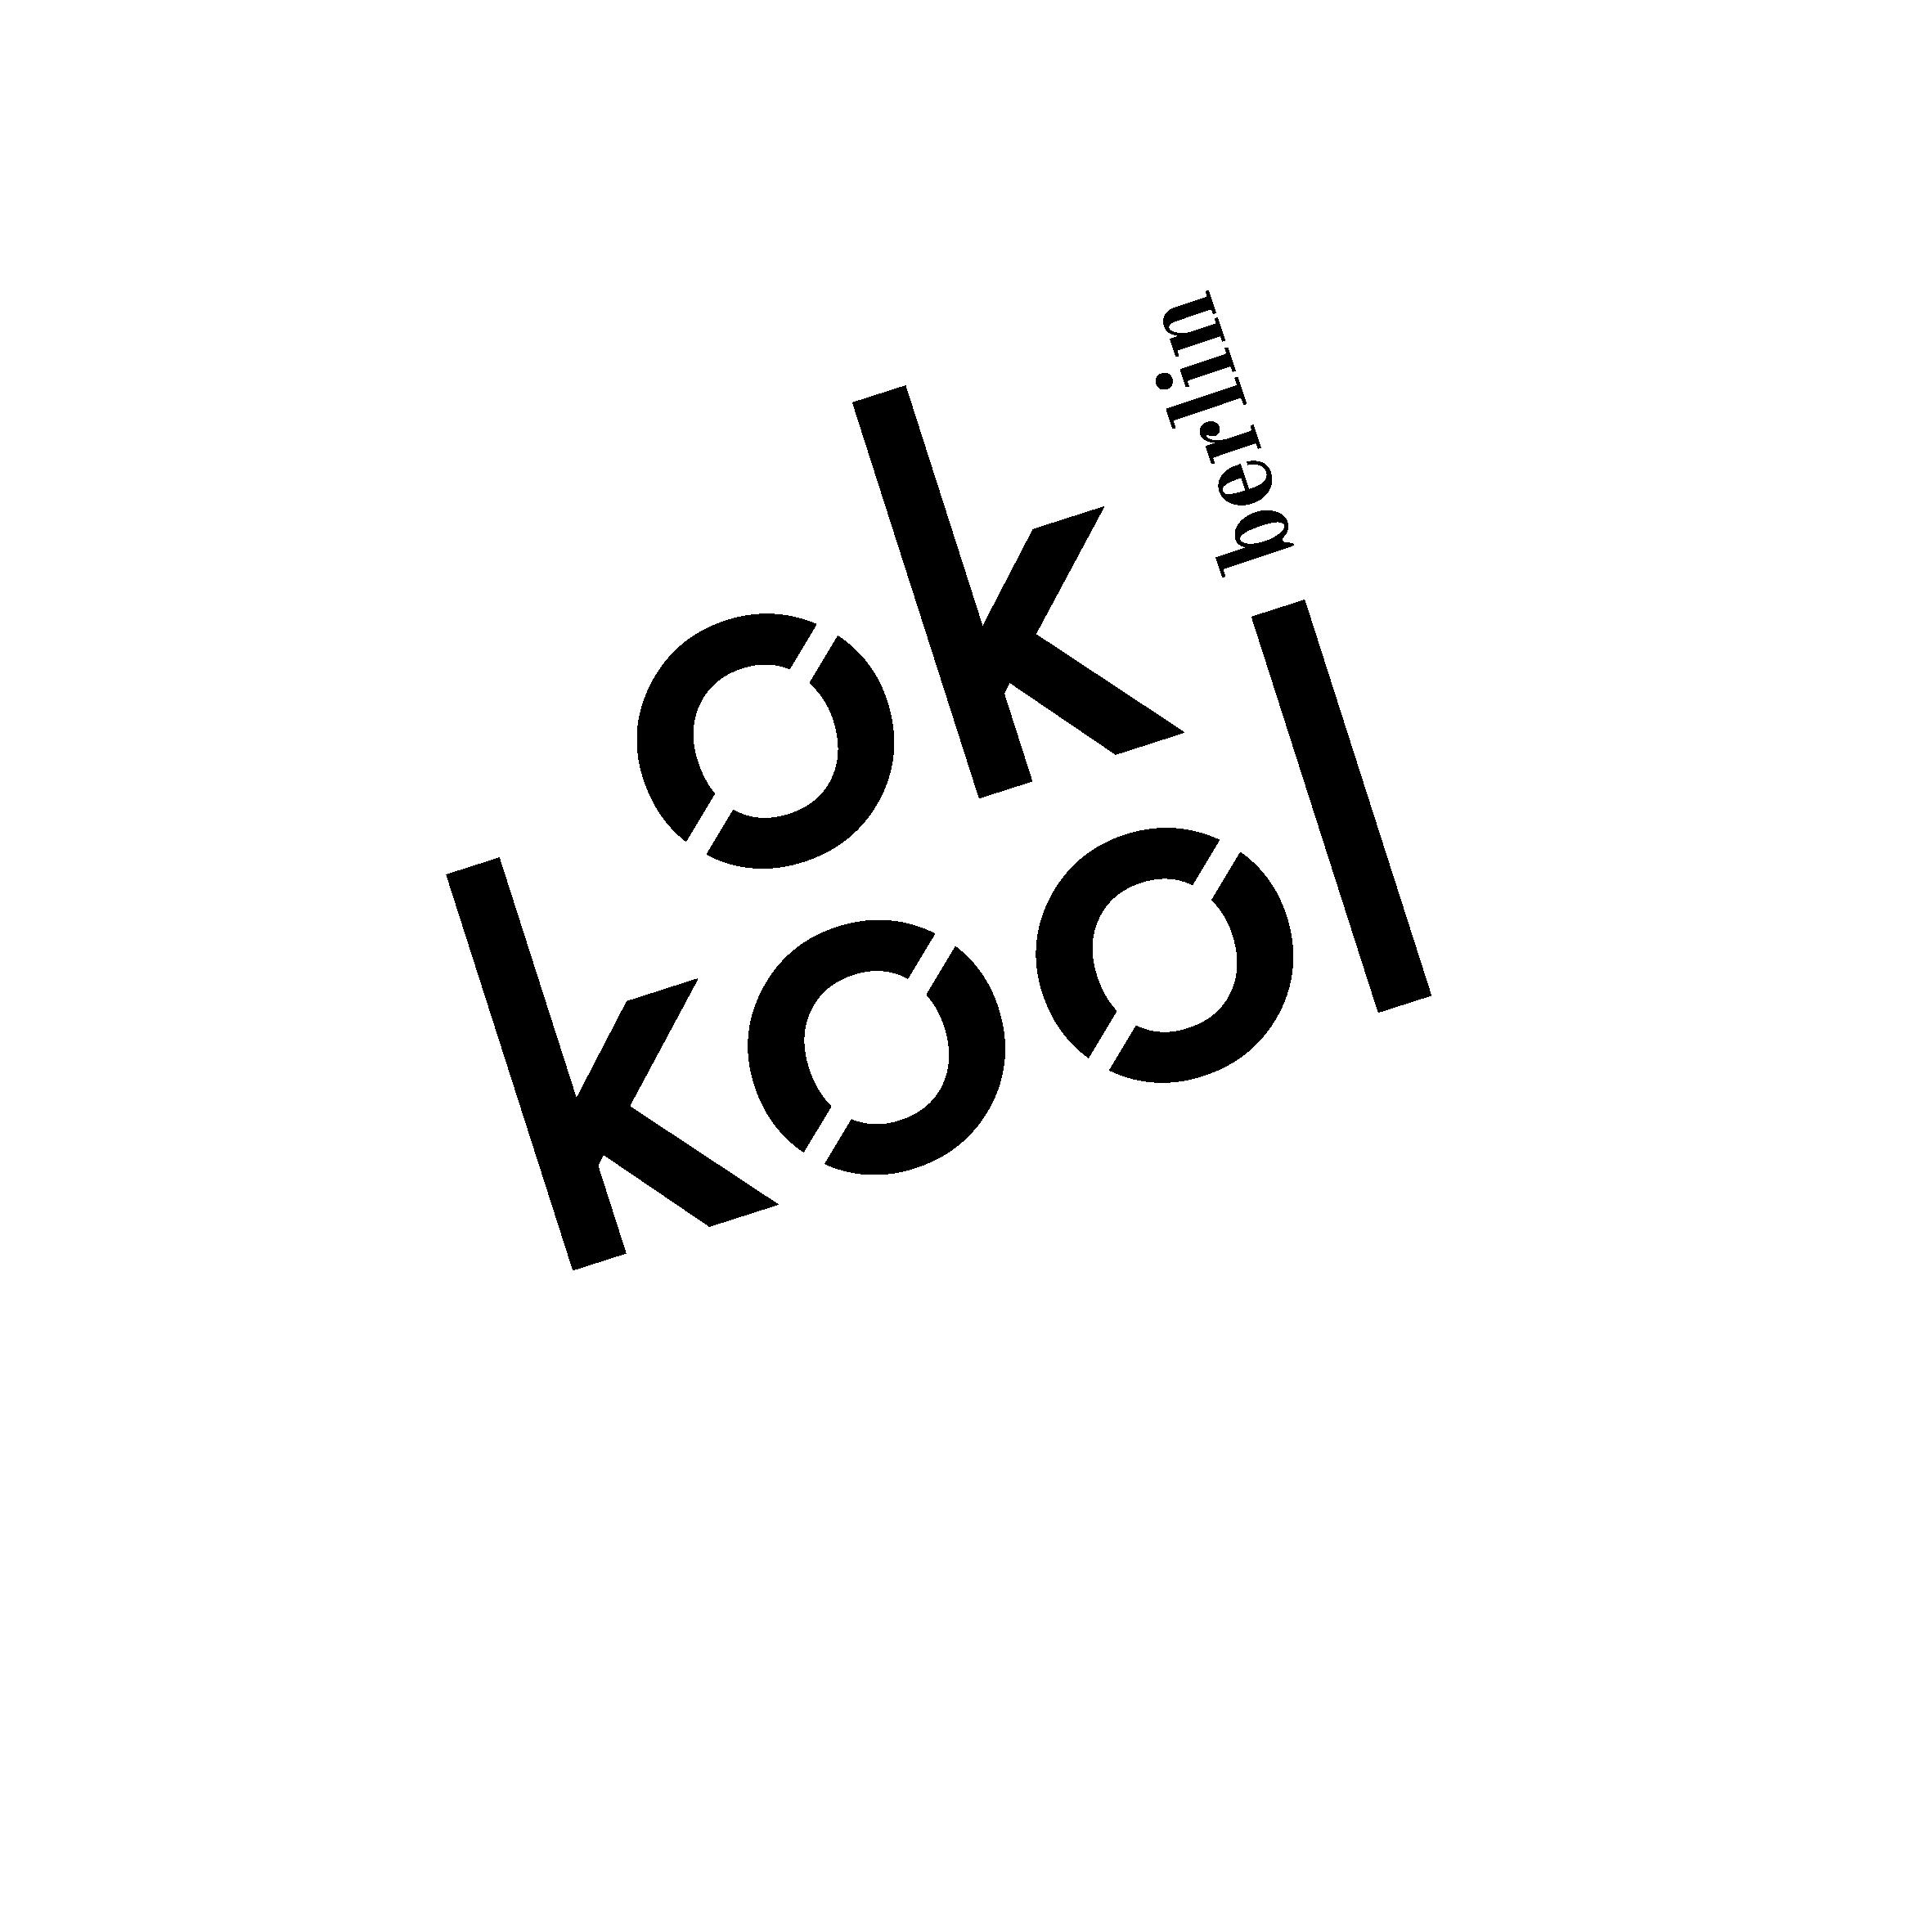 logo okkool werbeagentur schrift